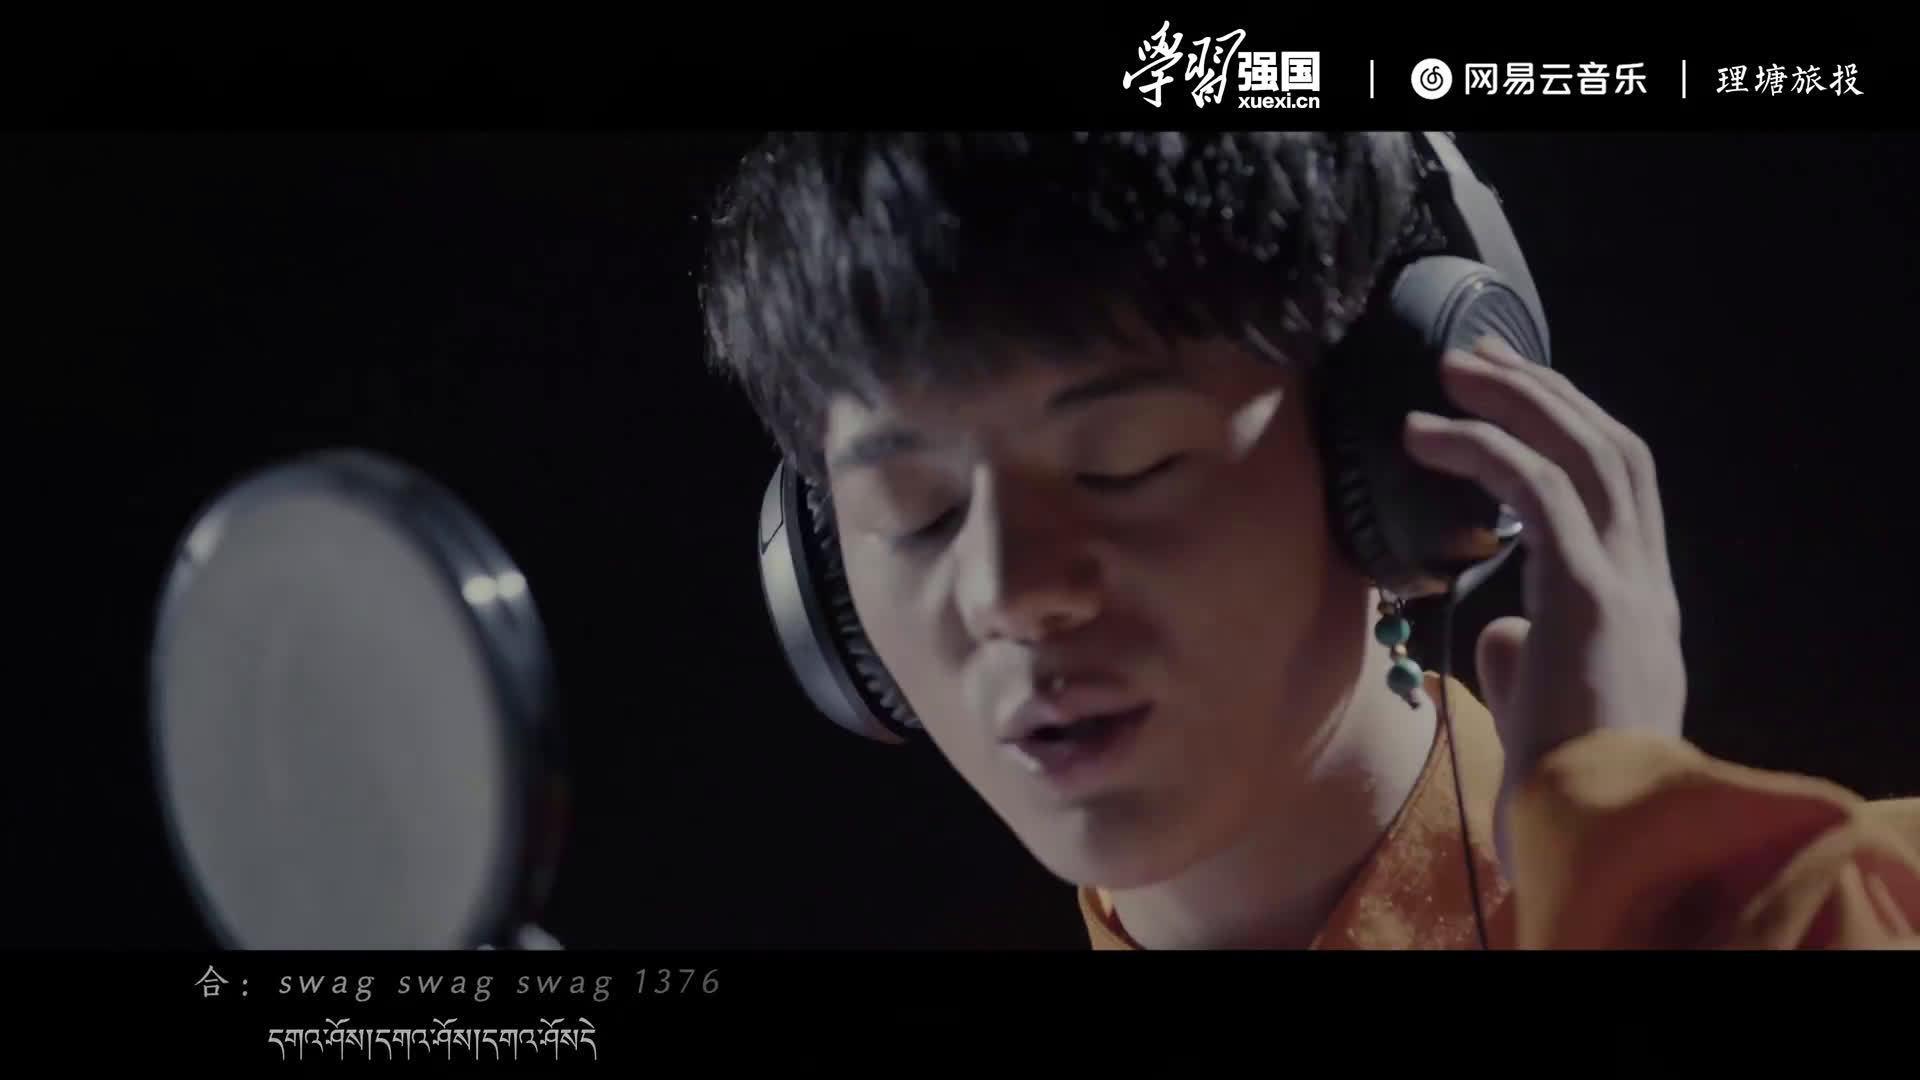 丁真发布新歌《1376心想事成》MV……